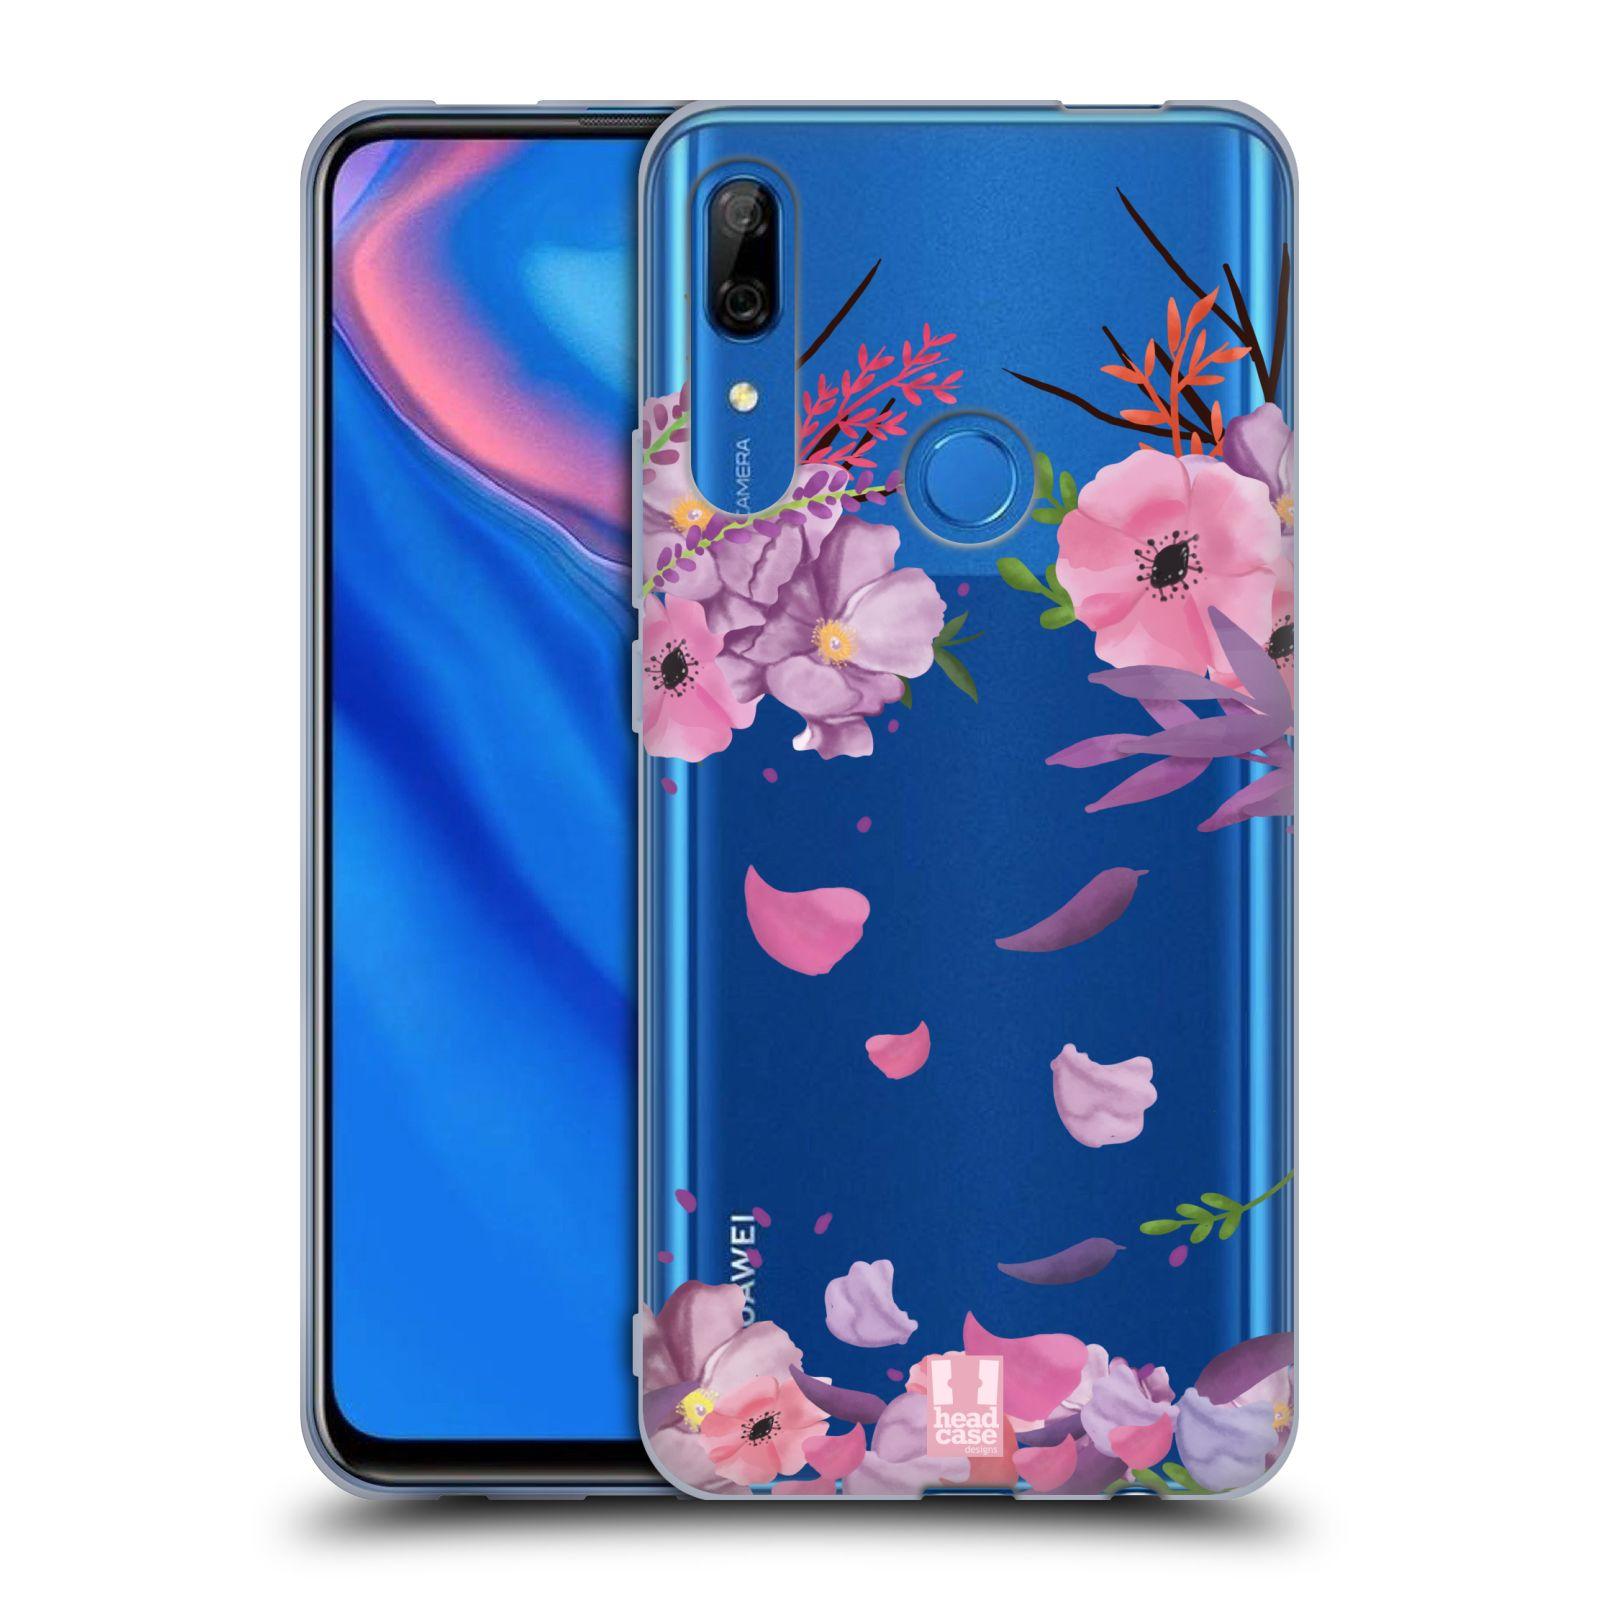 Silikonové pouzdro na mobil Huawei P Smart Z - Head Case - Okvětní lístky